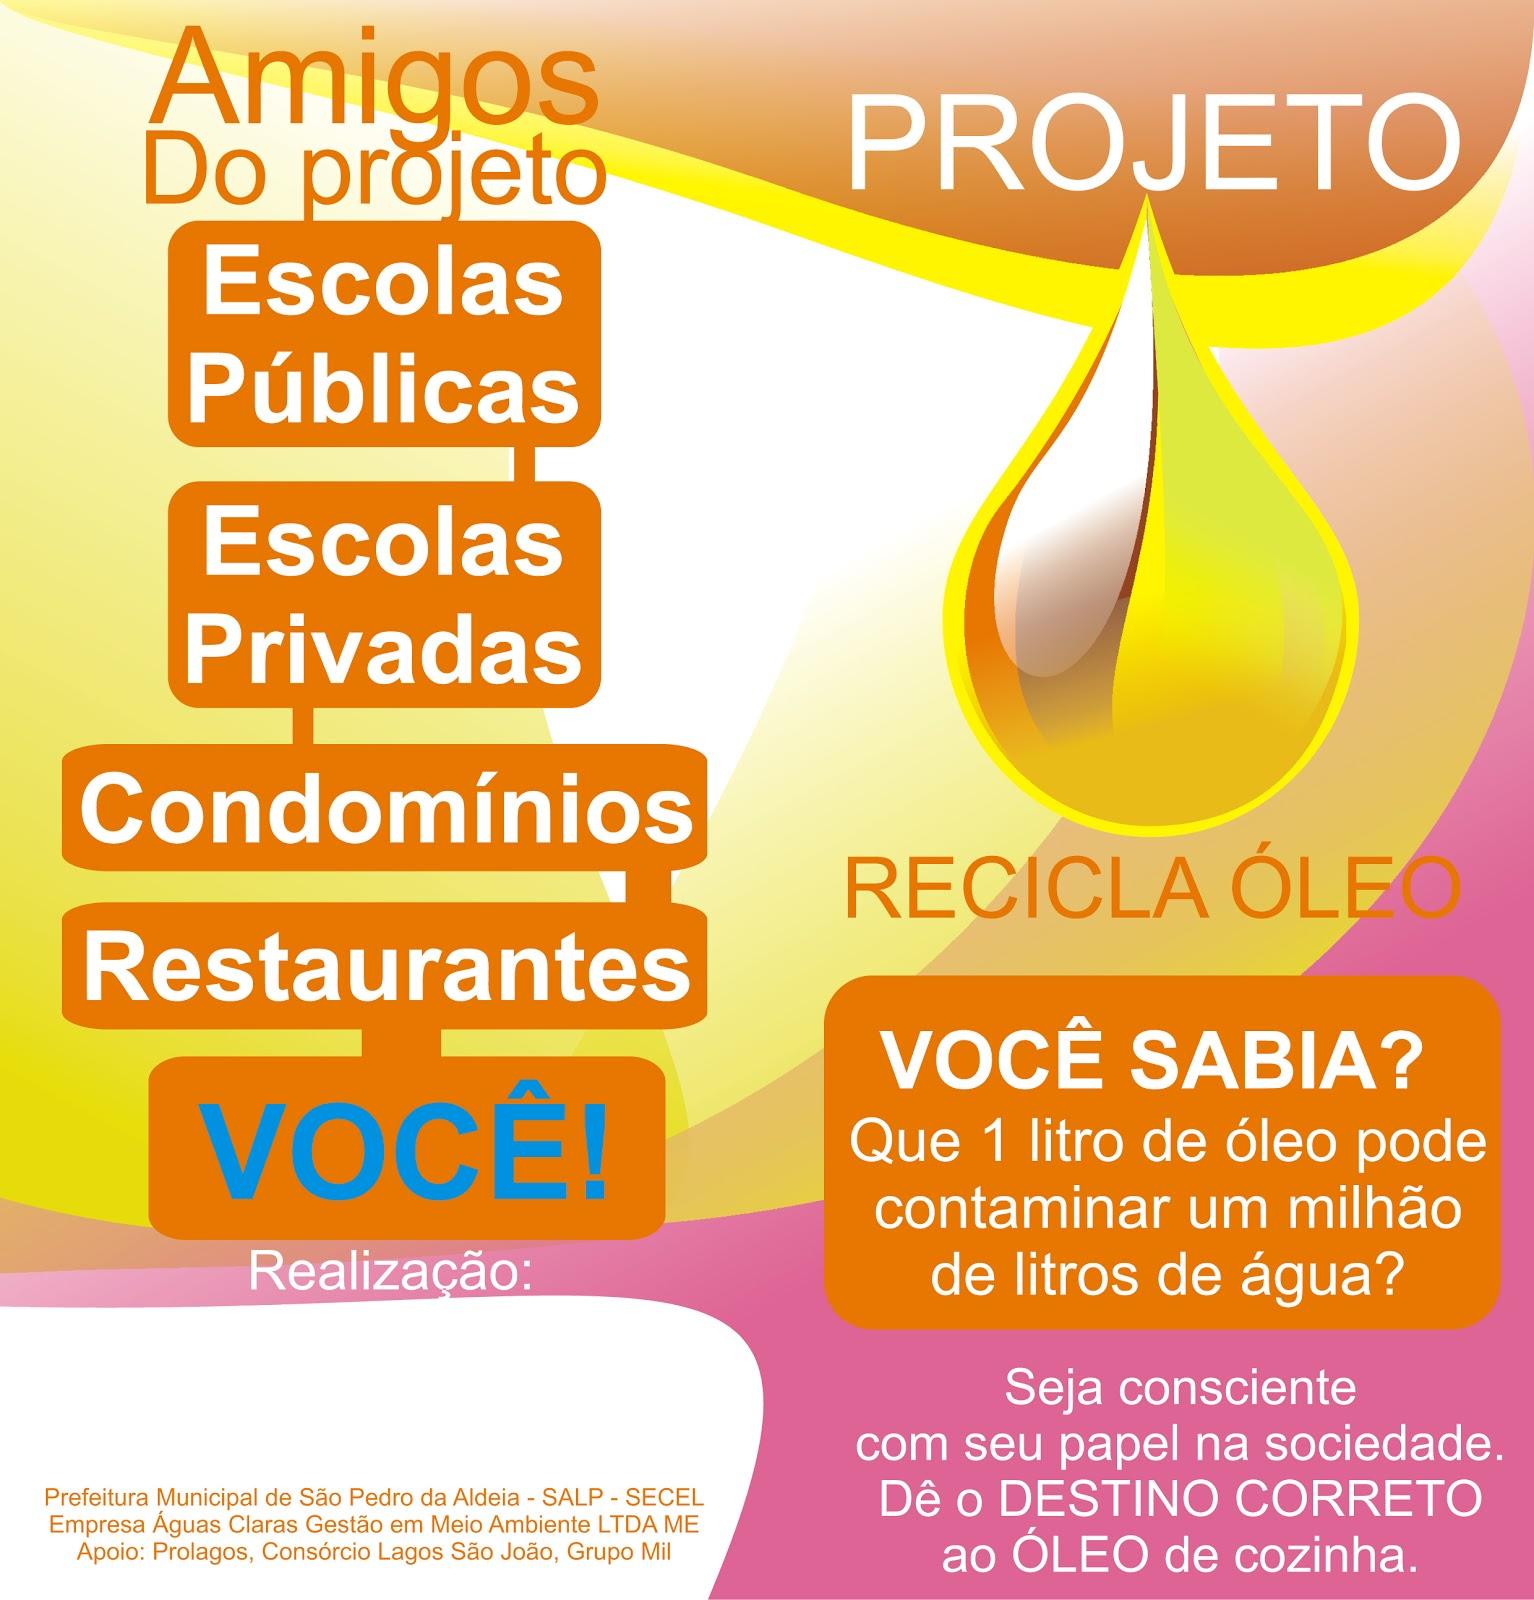 São Pedro da Aldeia tem projeto para reciclagem de óleo de cozinha #077FC4 1534 1600